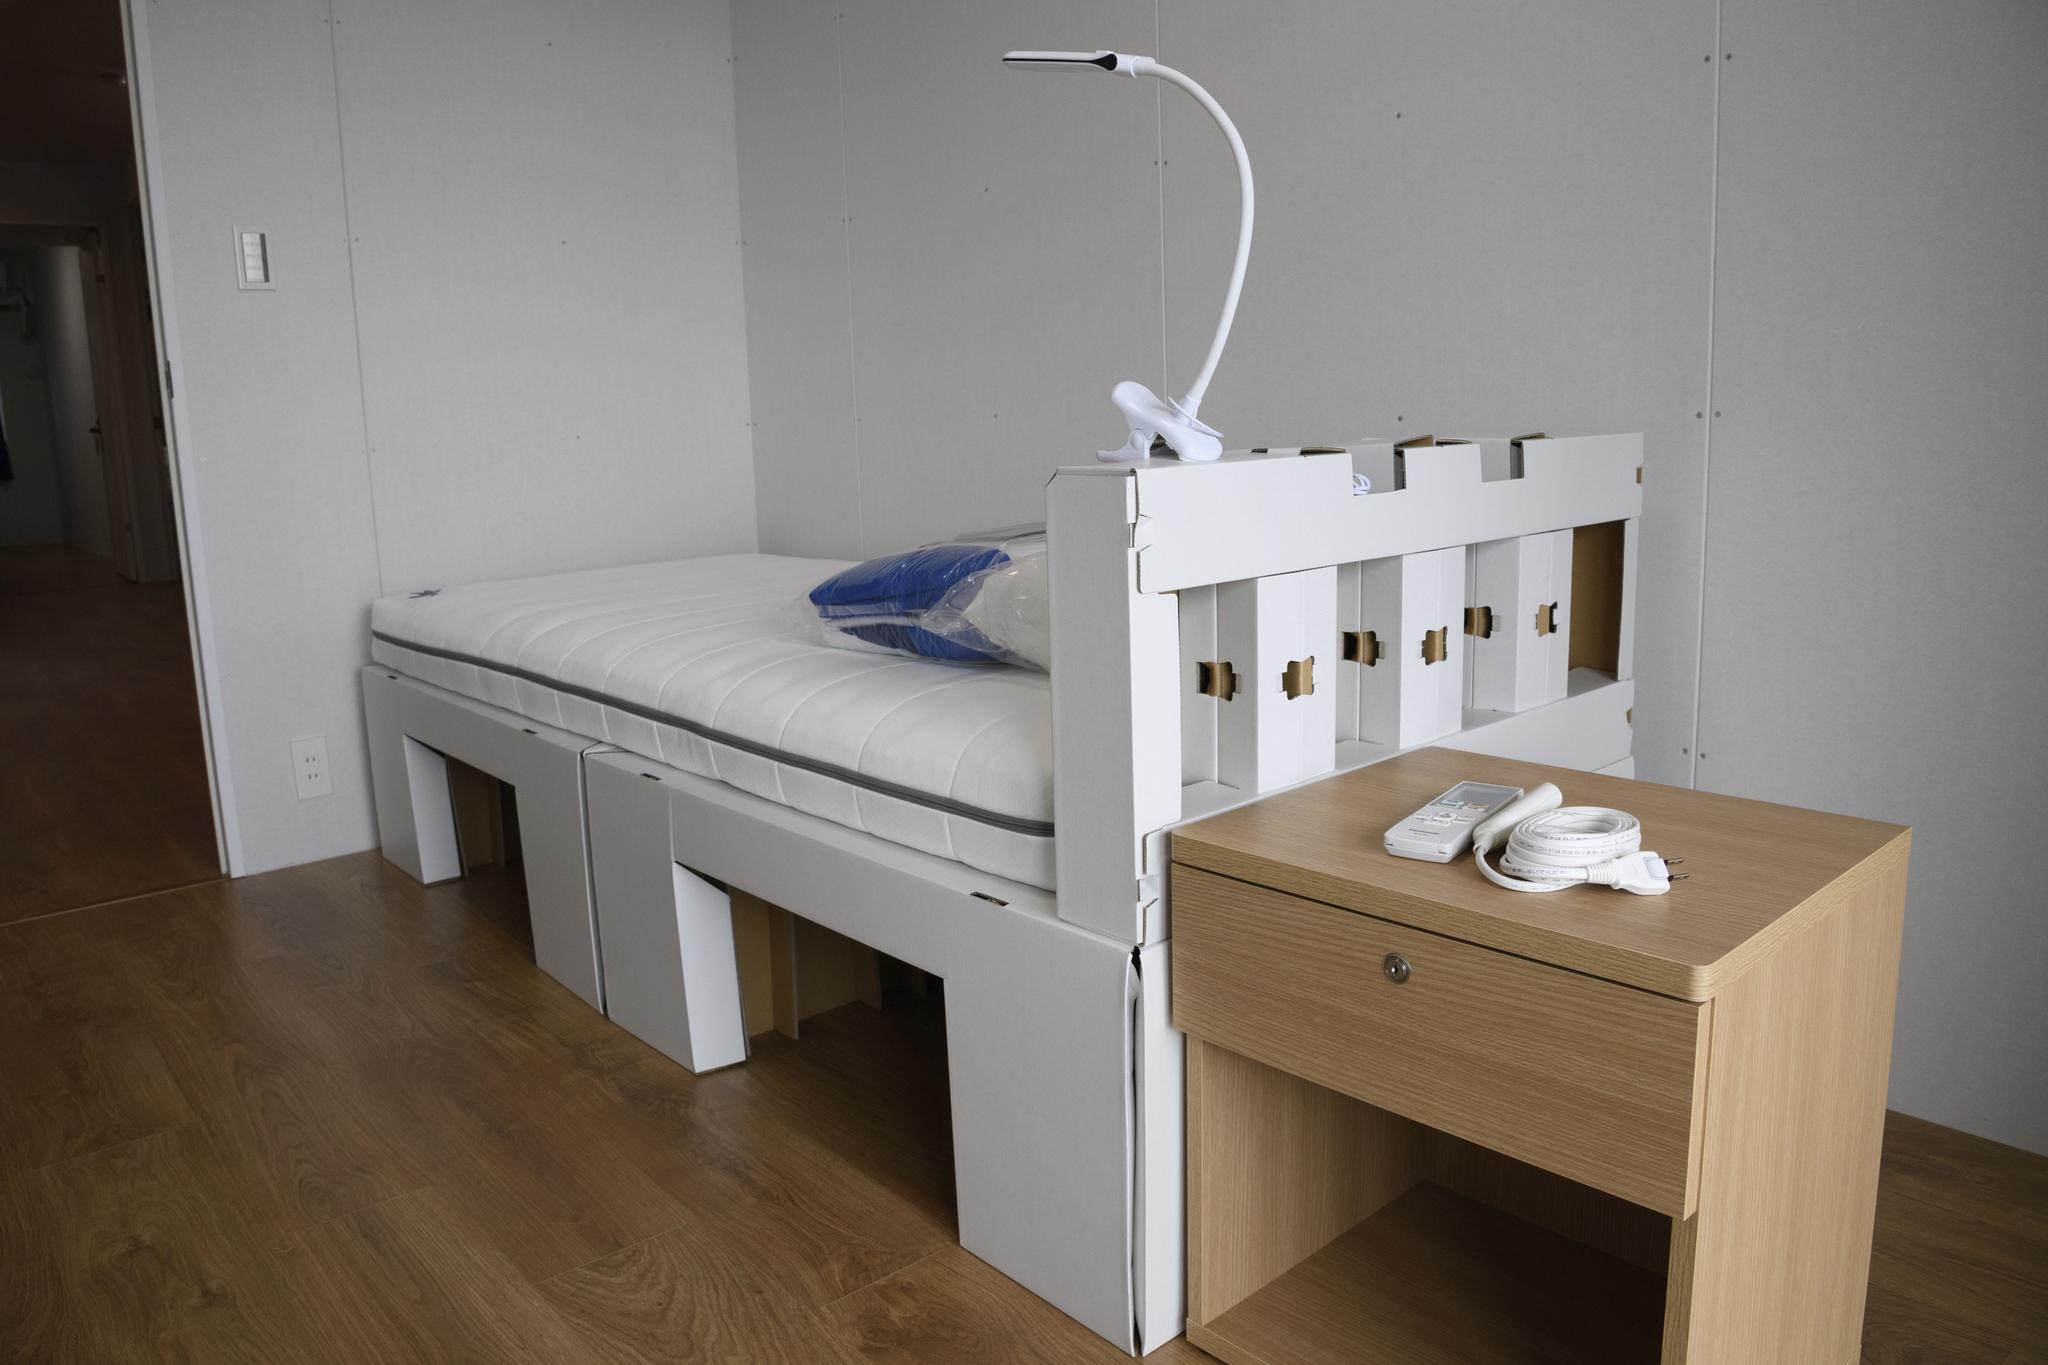 일본 도쿄도 하루미 지역 내에 위치한 도쿄올림픽·패럴림픽참가 선수들을 위한 선수촌 내부. 골판지로 만든 침대의 모습. AP=연합뉴스